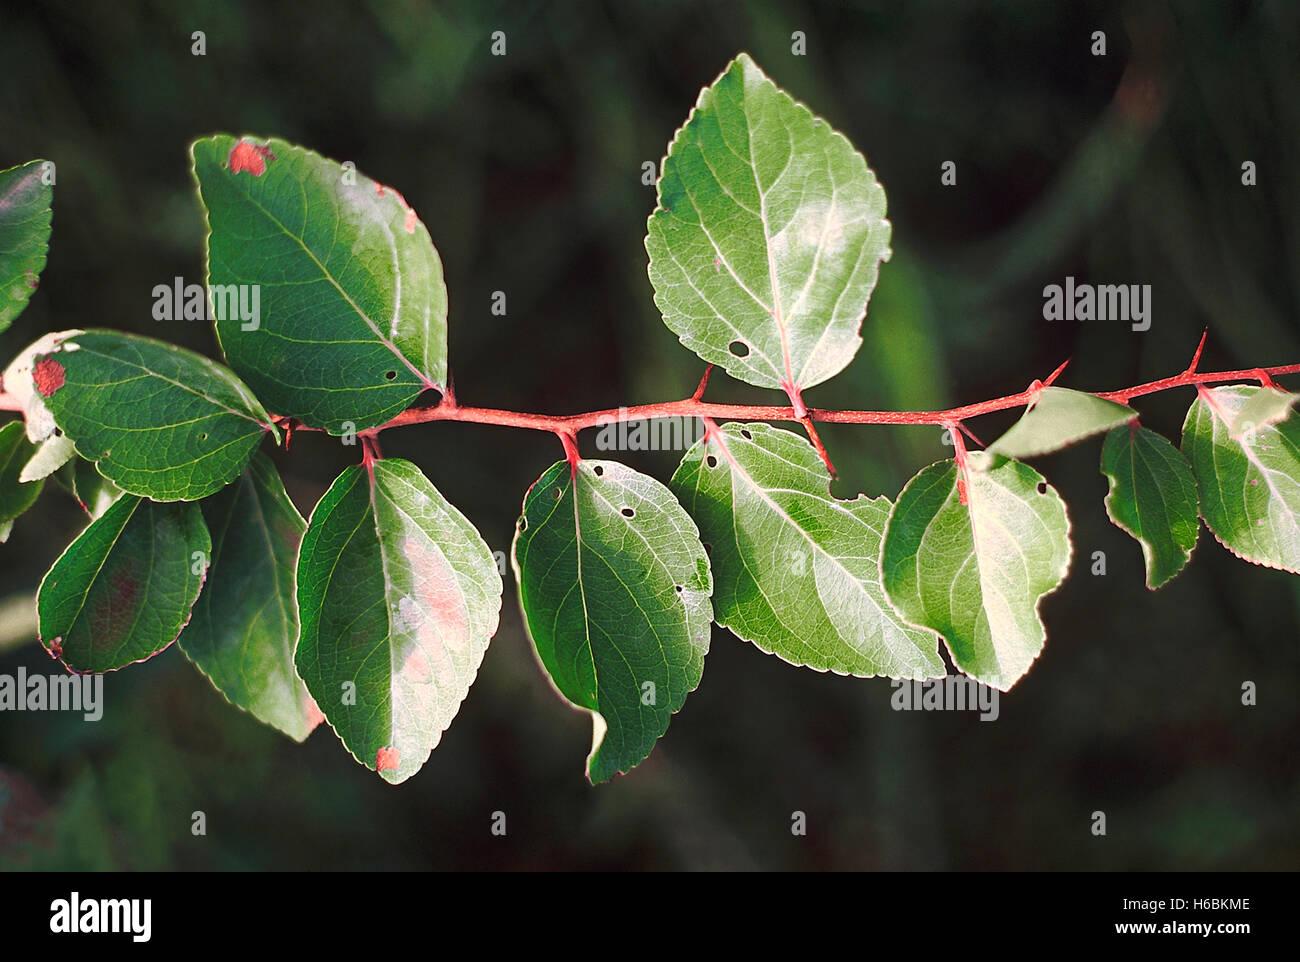 Flacourtia indica feuilles.. famille: flacourtiaceae. un petit arbre à feuilles caduques, épineux. Photo Stock